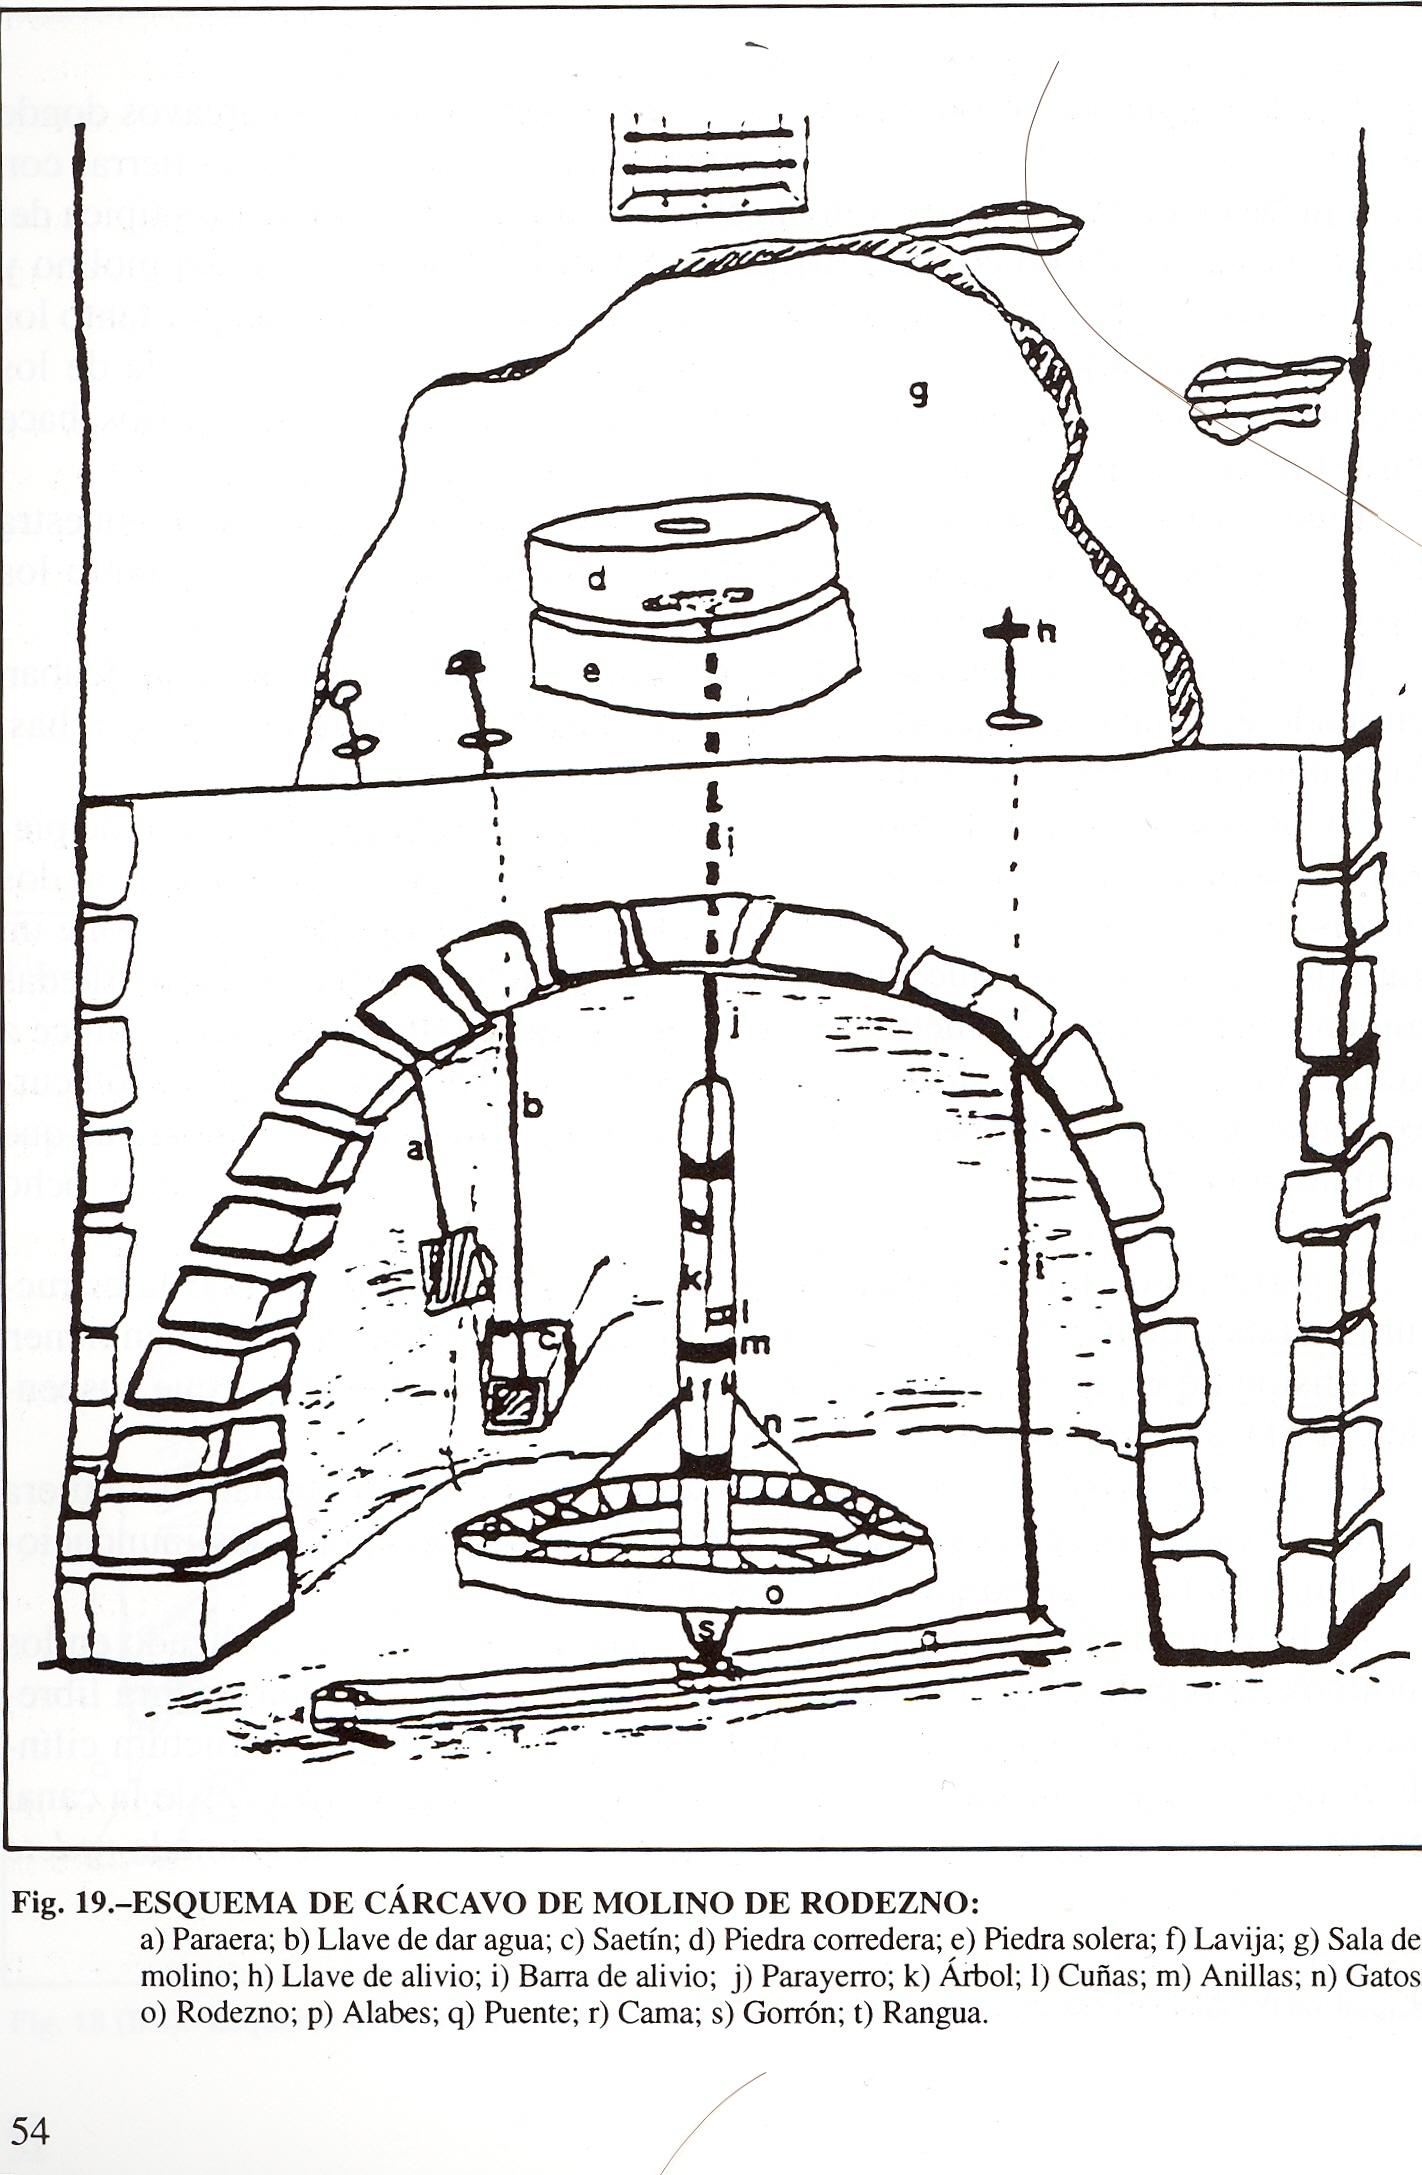 Maquinaria molinera bajo el suelo del molino, en el cárcavo.